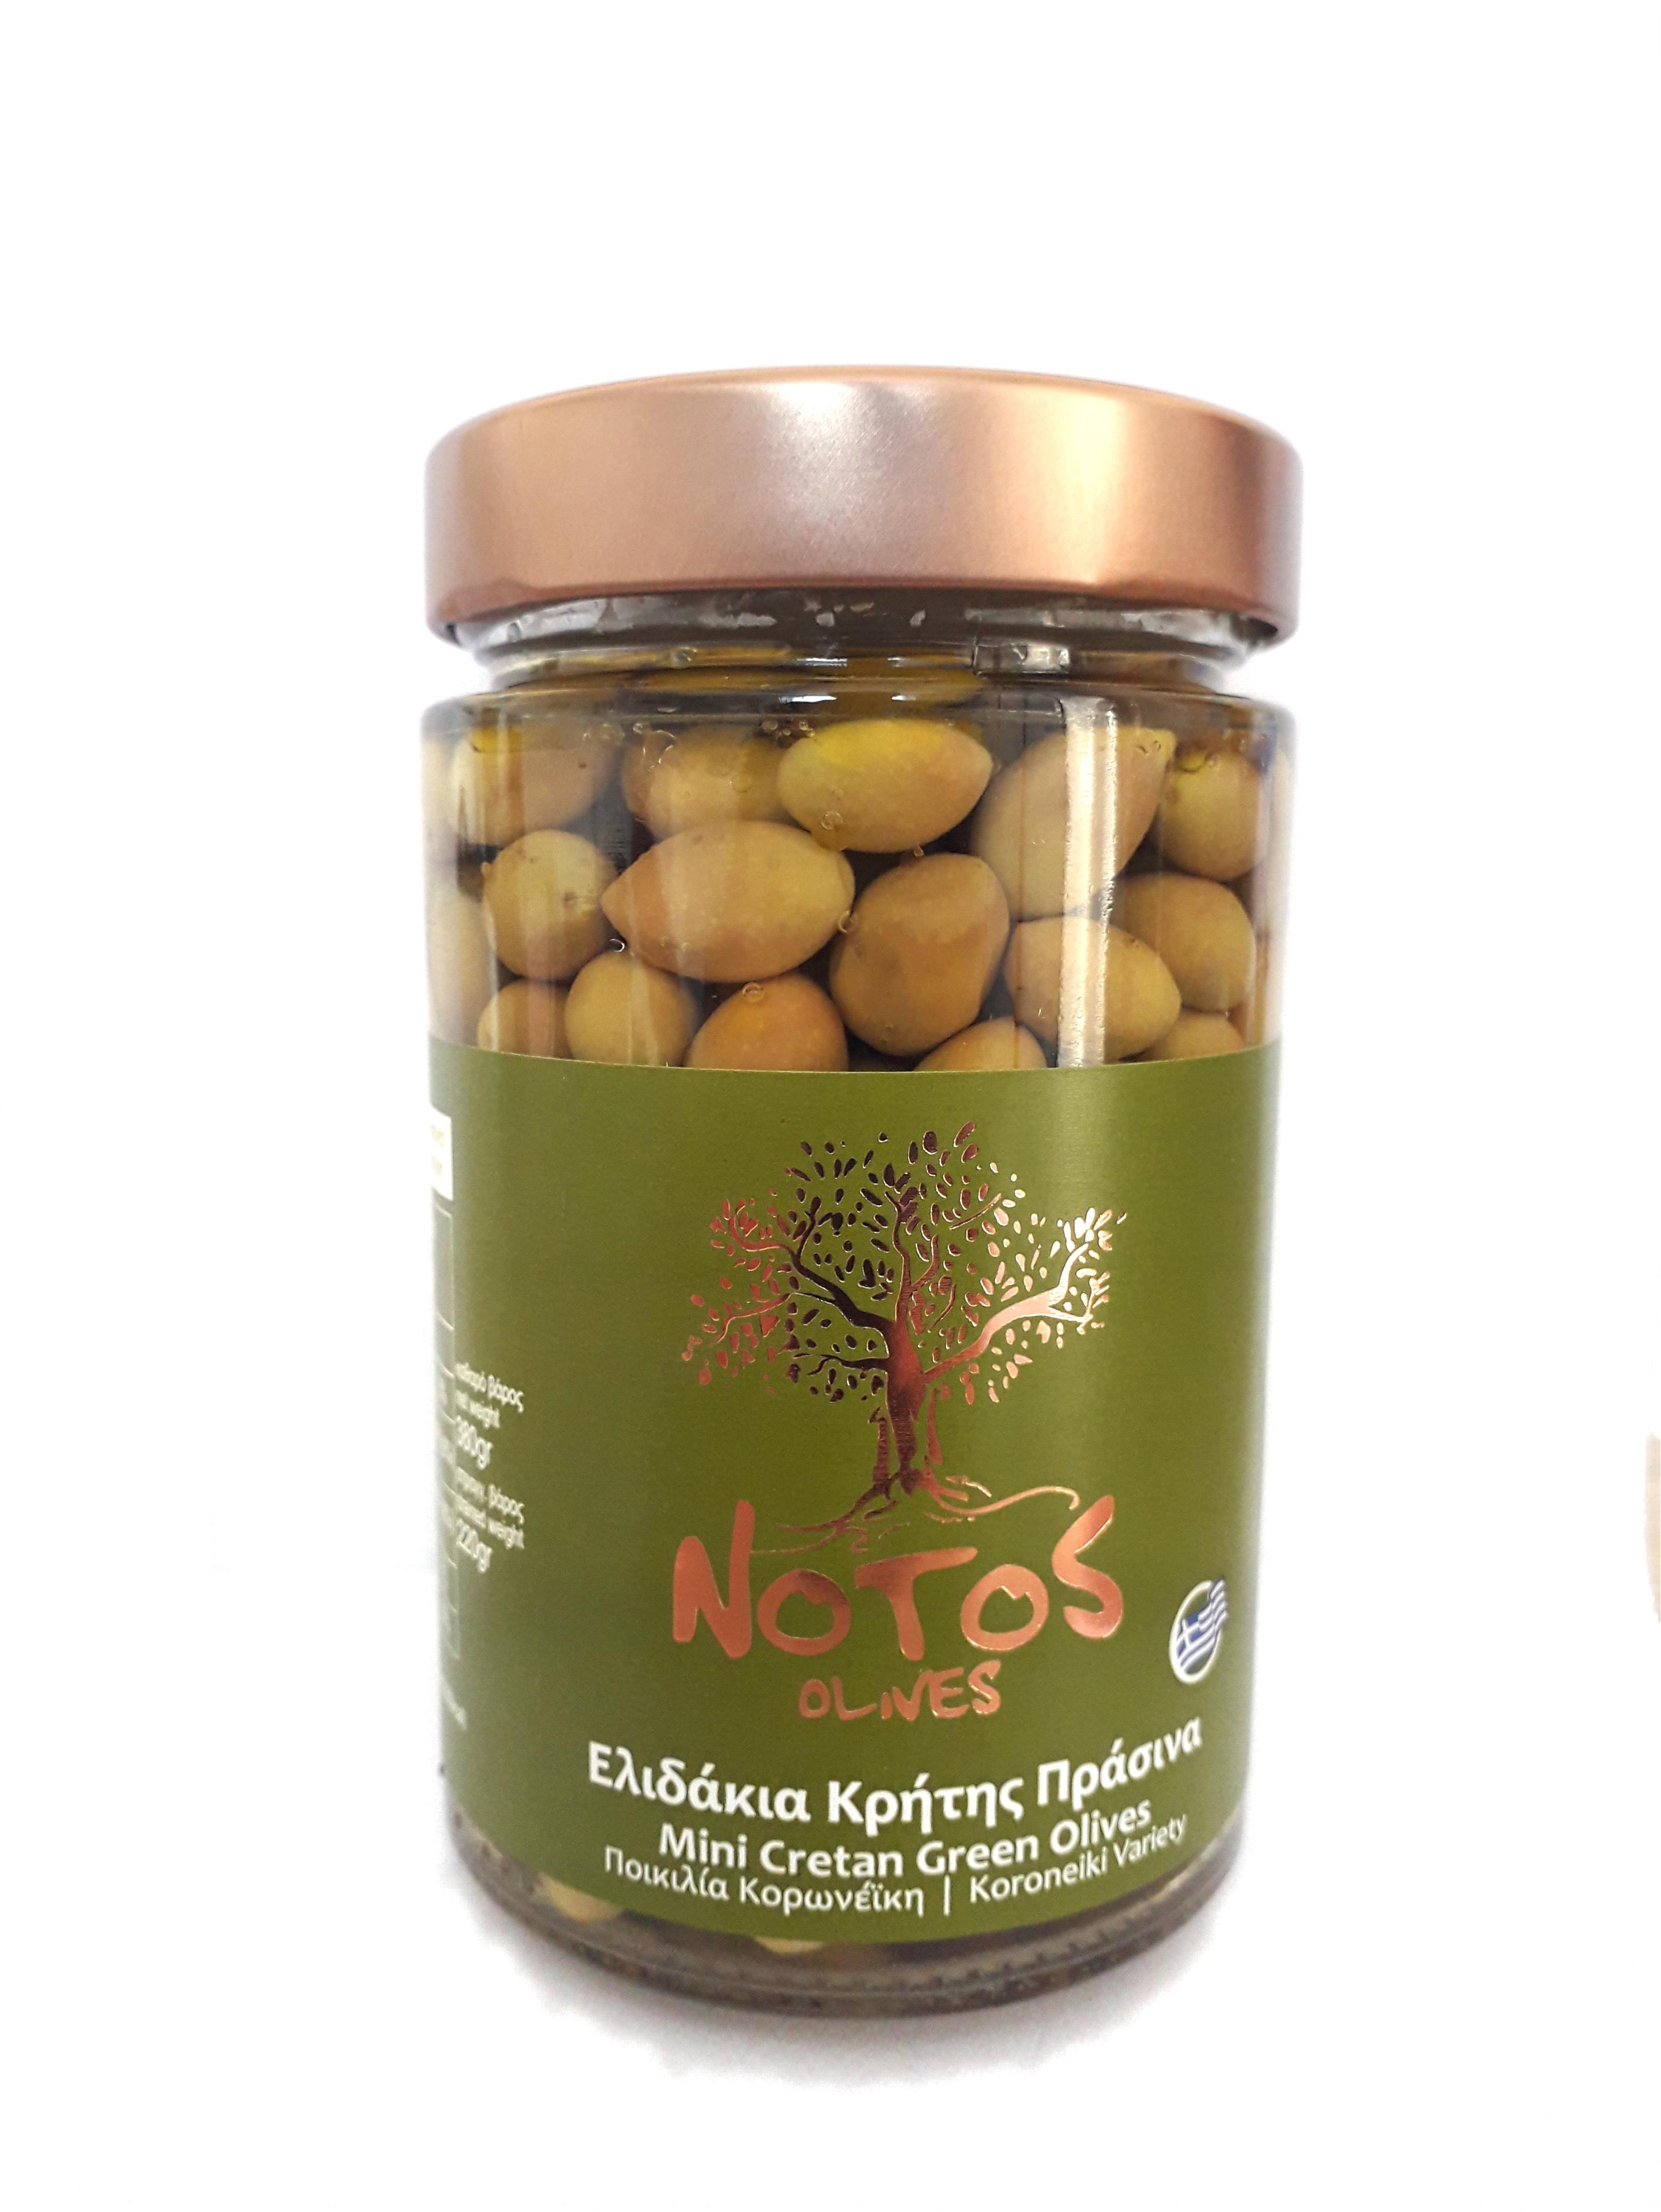 Ελιδάκια Κρήτης Πράσινα Notos (Ποικιλία Κορωνέικη)